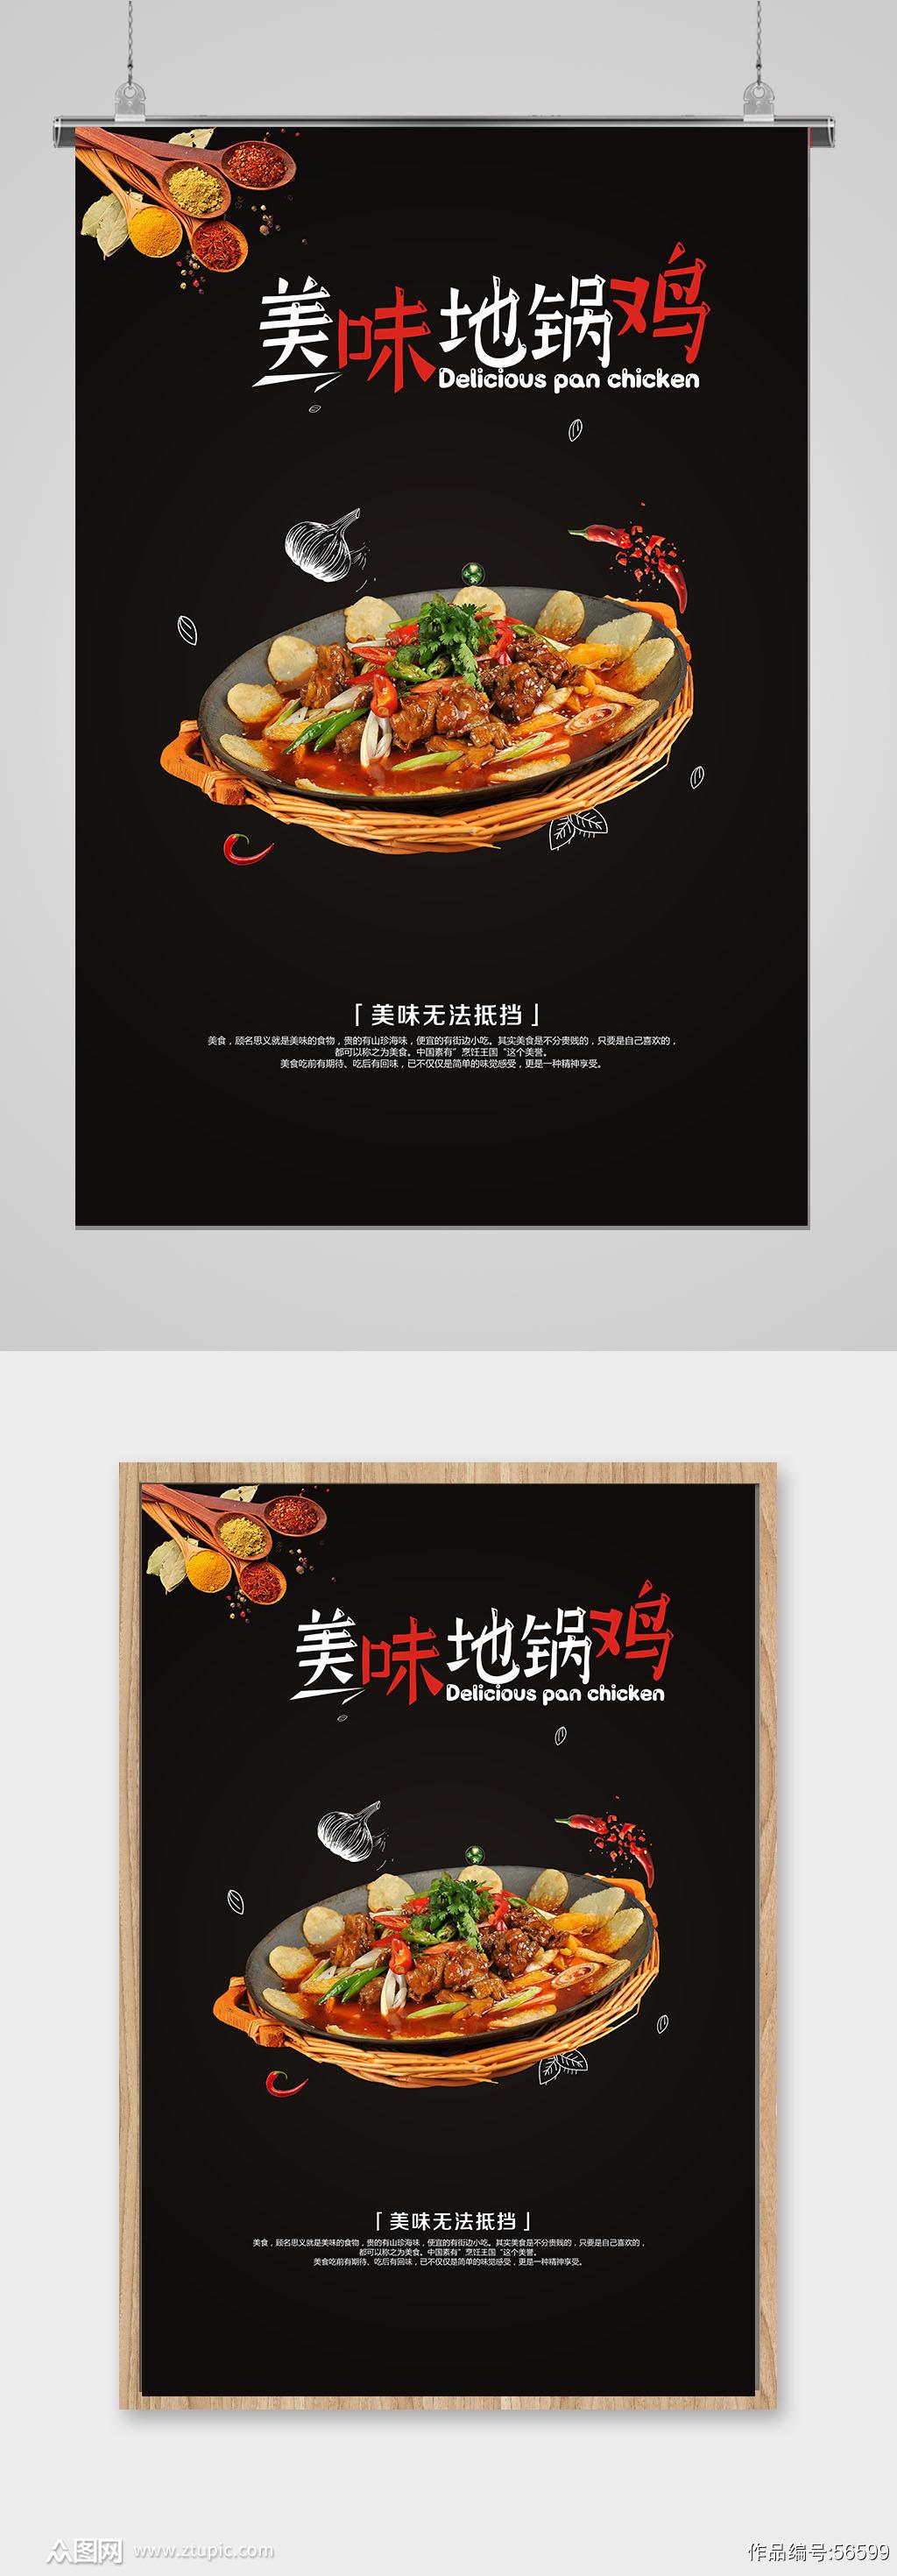 美味地锅鸡 中华美食素材